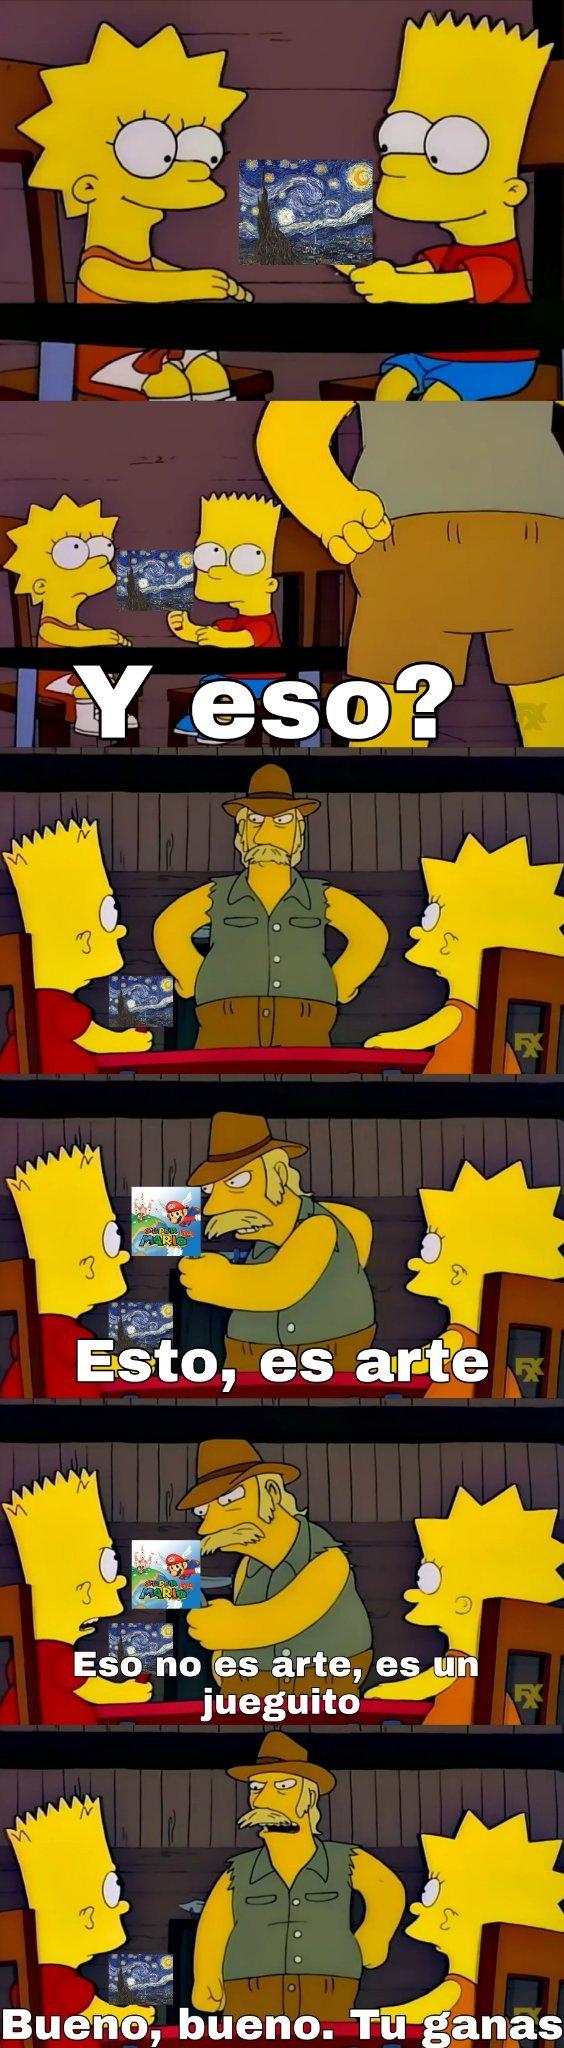 Videojuegos arte? - meme